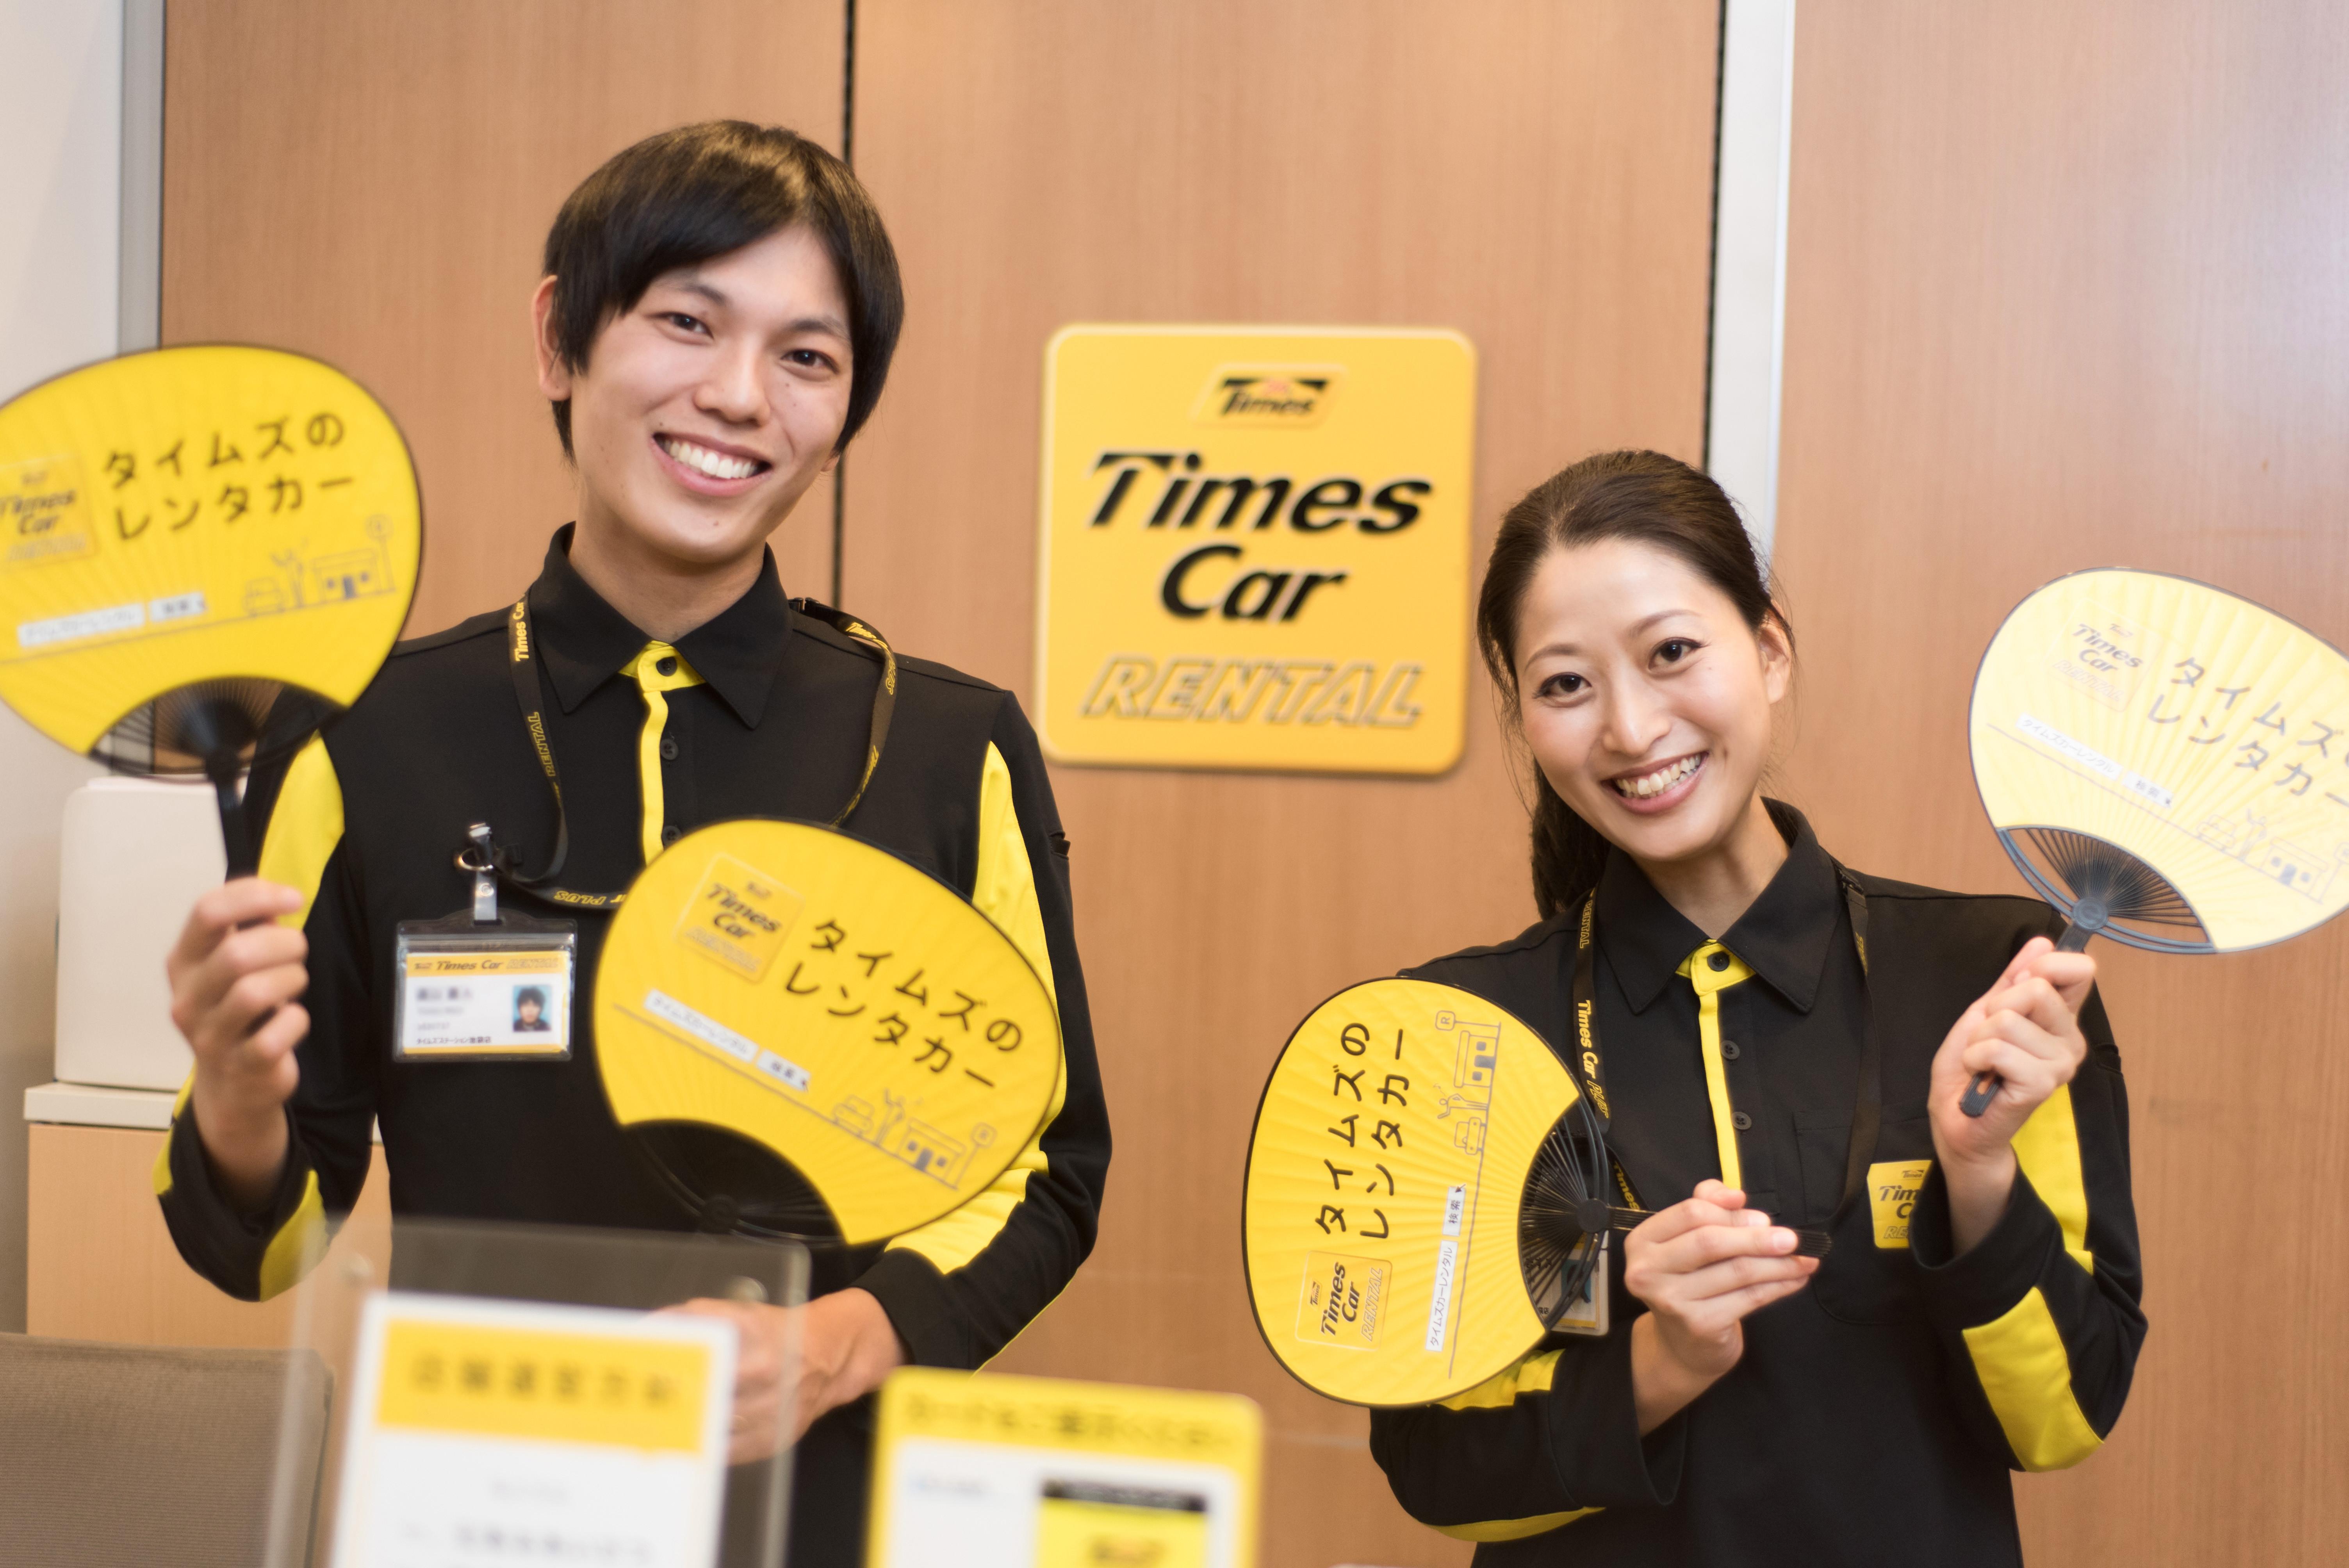 タイムズカーレンタル 旭川空港前店 のアルバイト情報